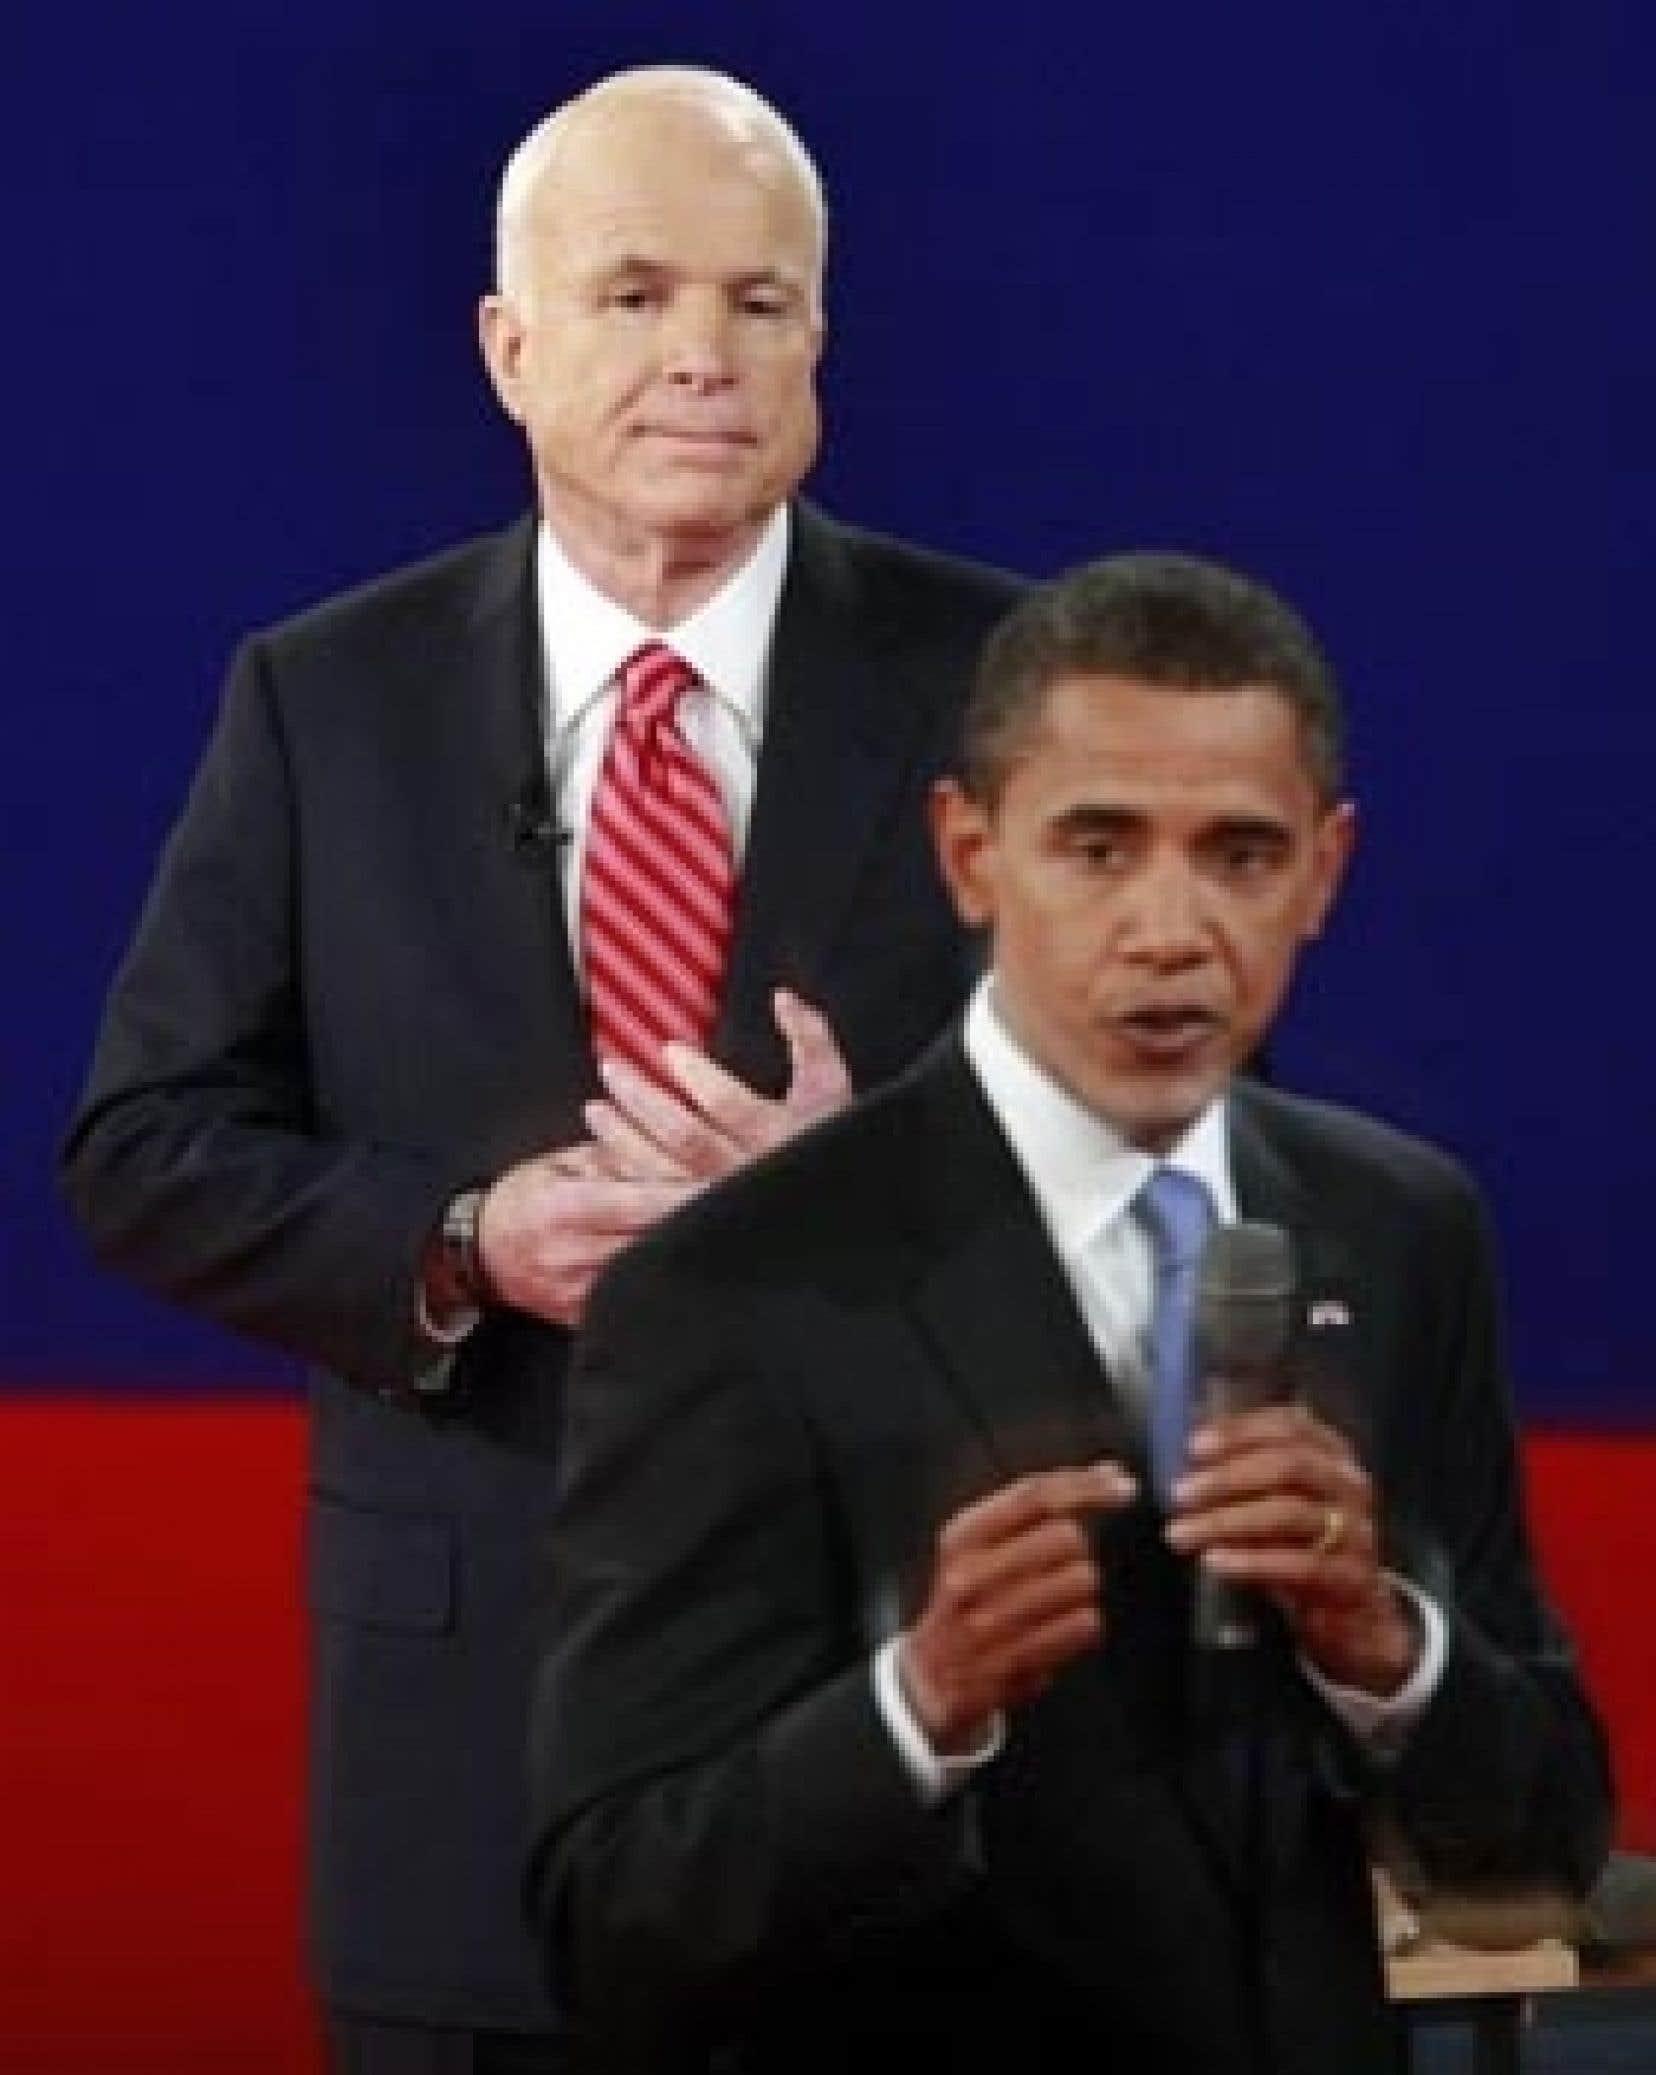 Le gouvernement canadien ne veut rien révéler des analyses qu'il faisait des débats entre les candidats à la présidence américaine, Barack Obama et John McCain.